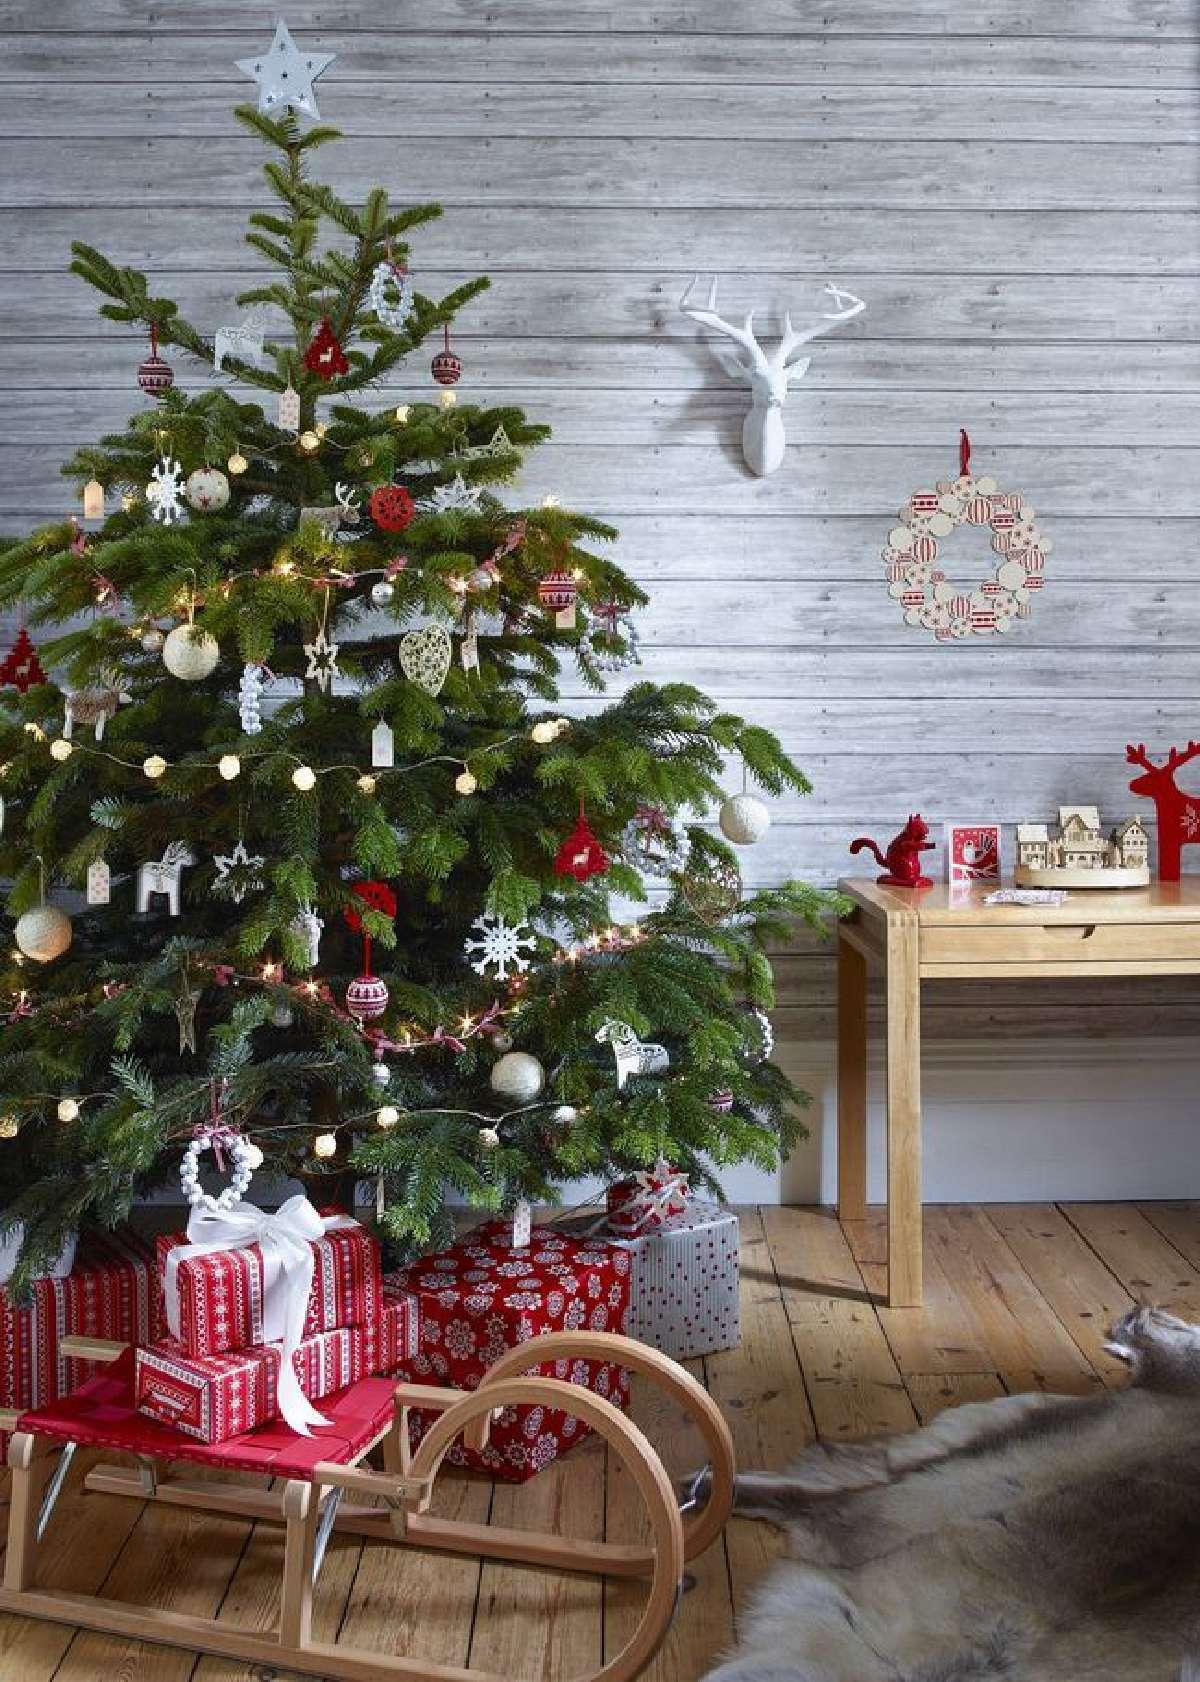 Tendencias en adornos navideños 2020-2021 1